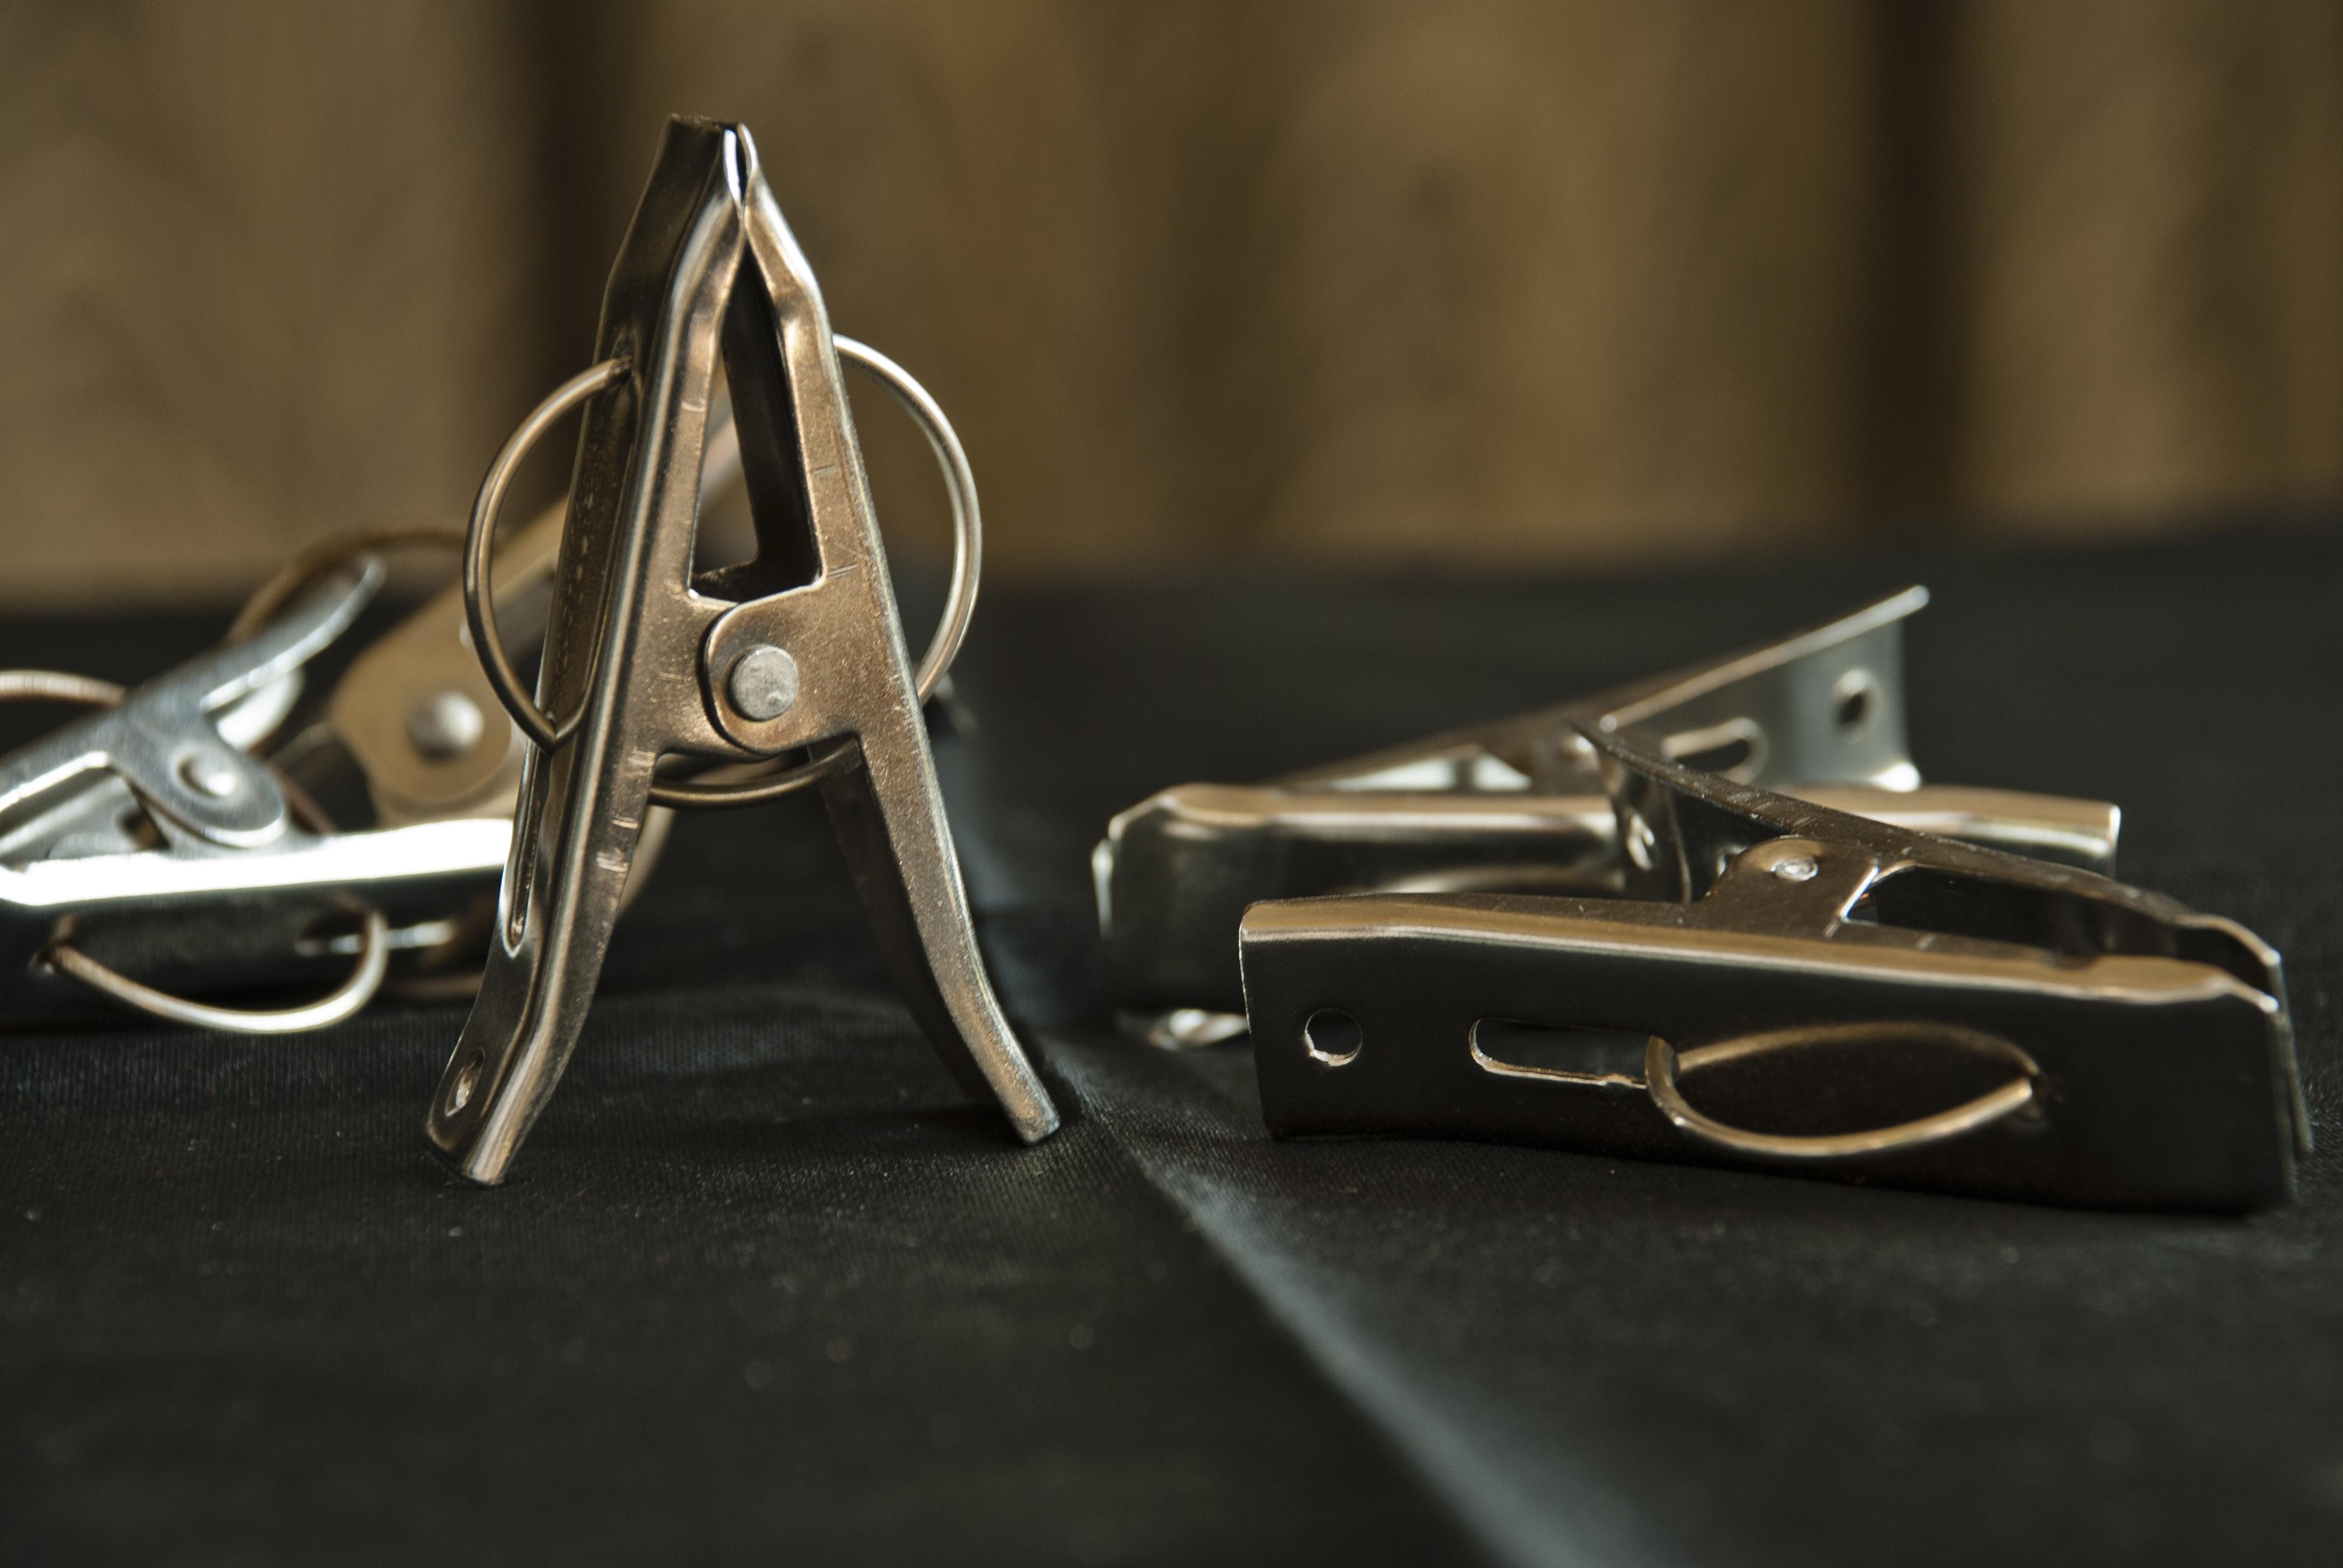 Stehlen Design kostenlose foto werkzeug stehlen metall produkt schriftart